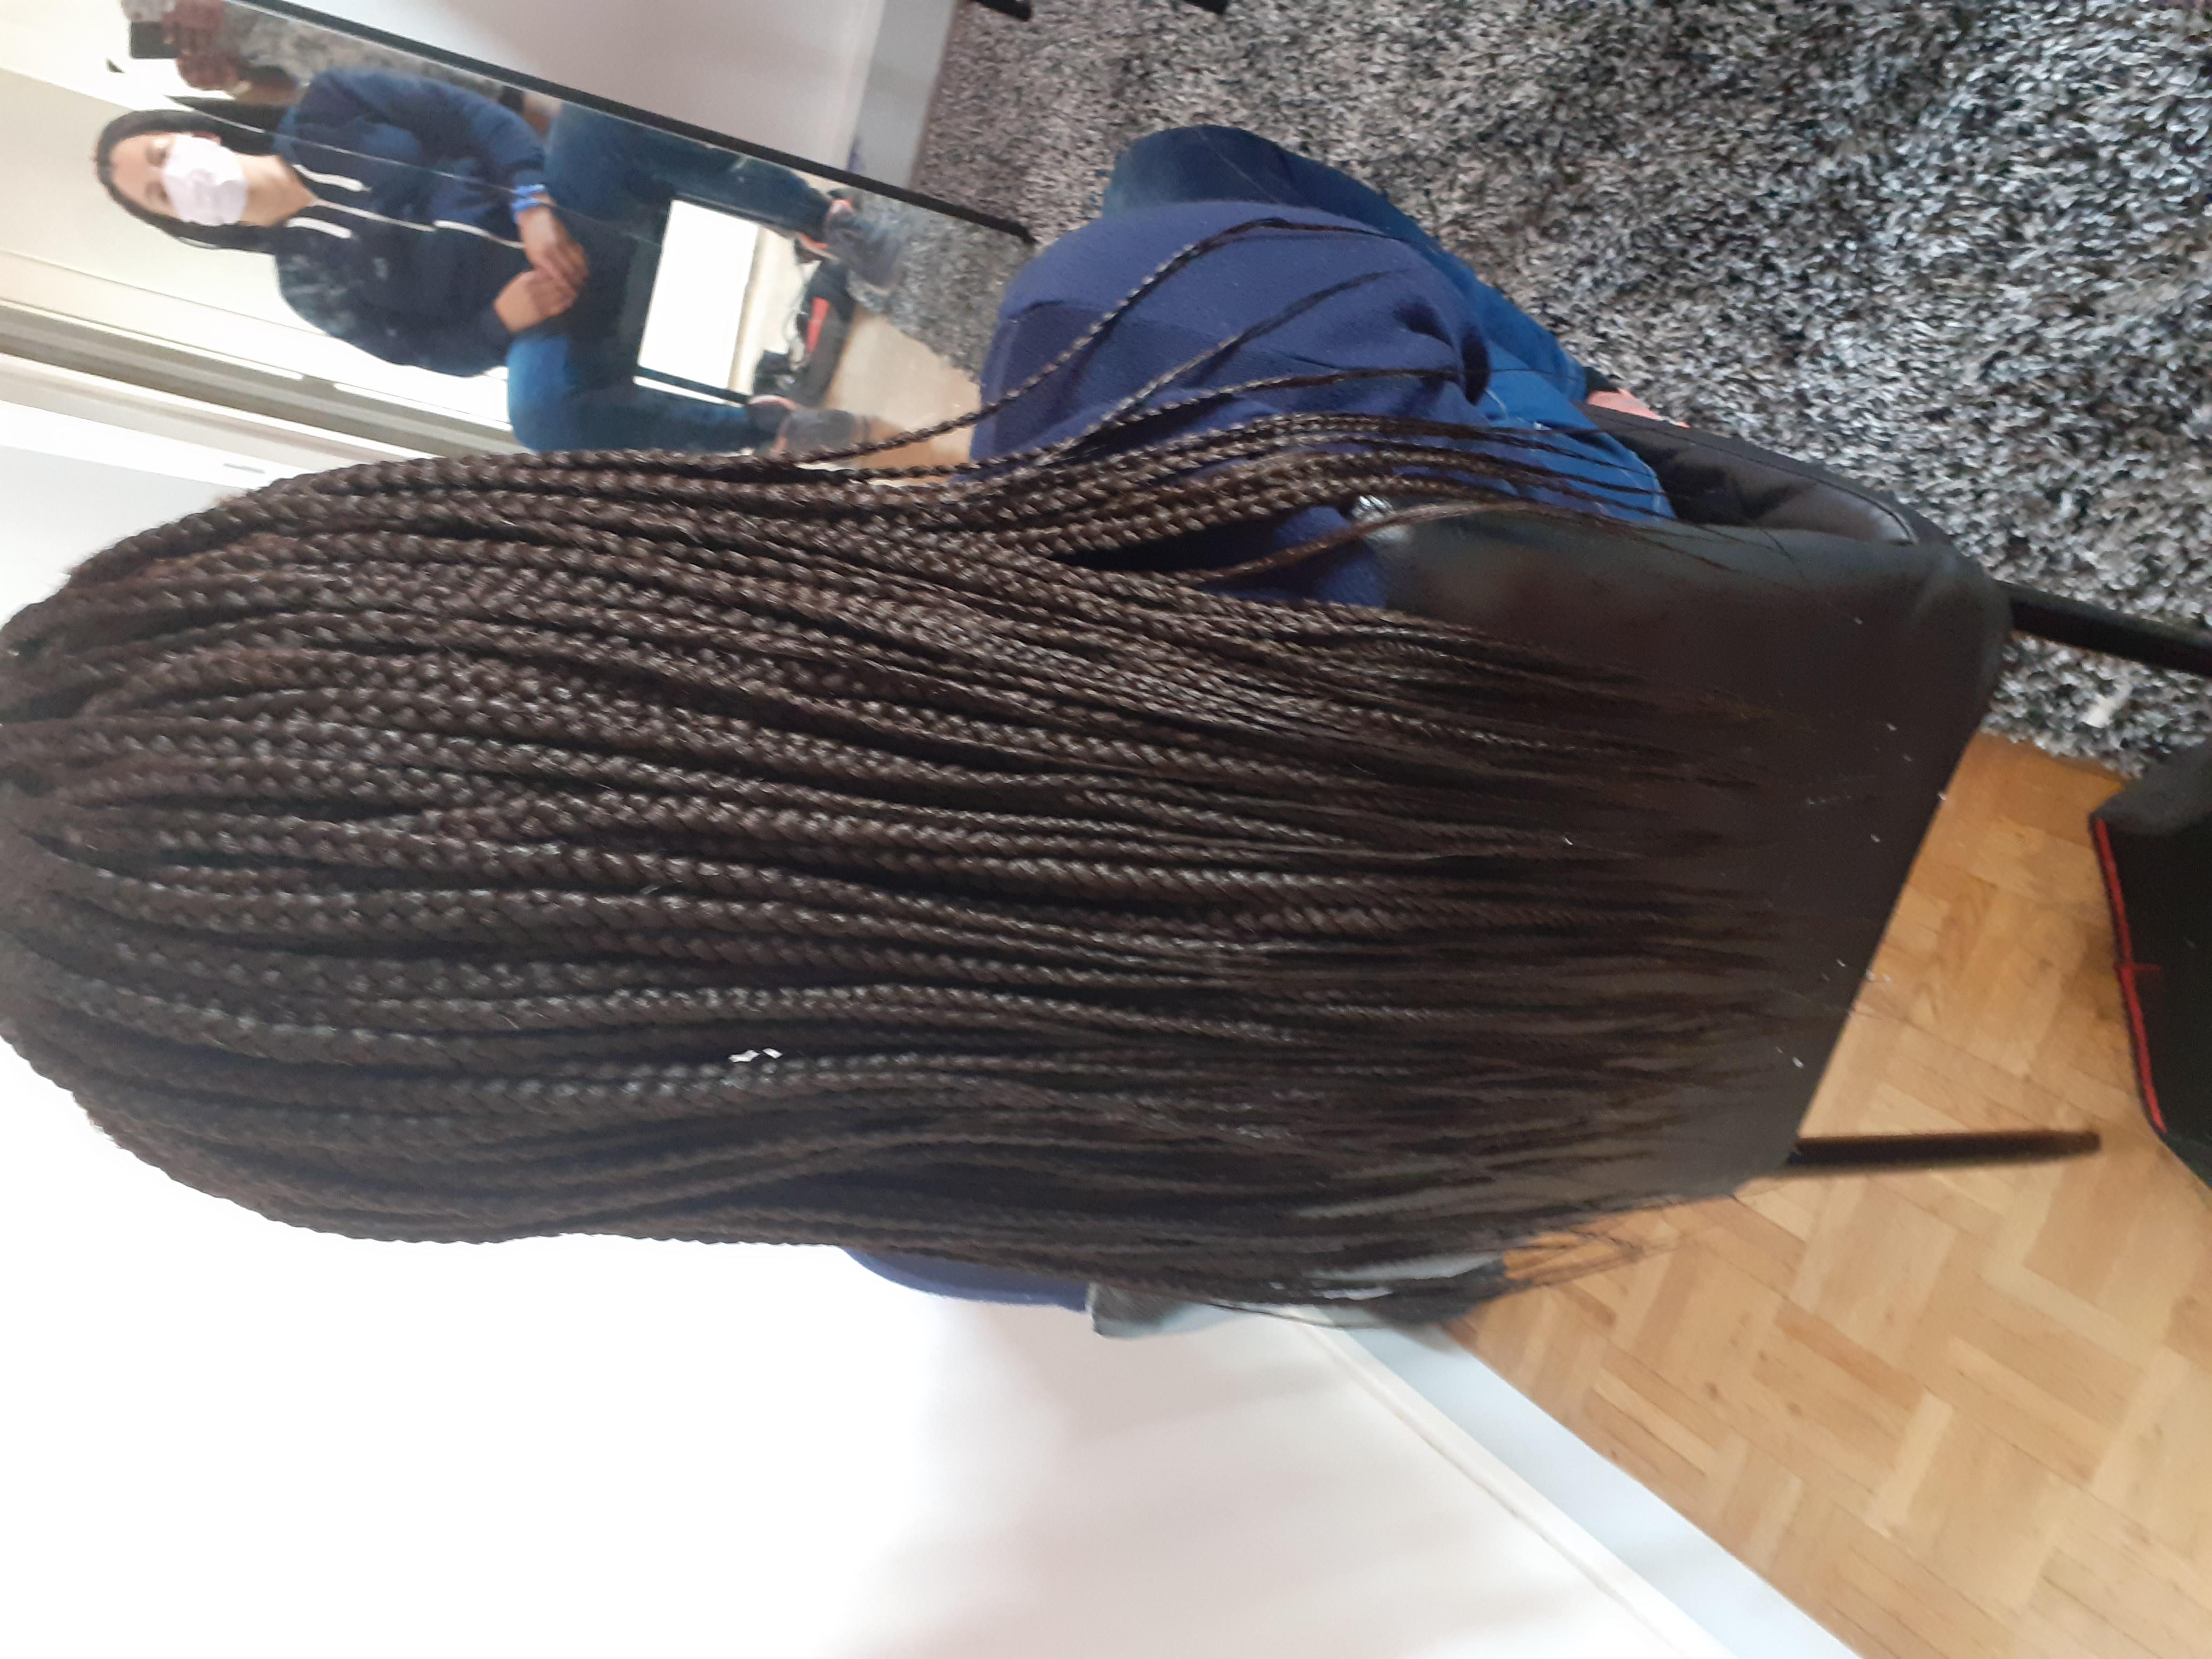 salon de coiffure afro tresse tresses box braids crochet braids vanilles tissages paris 75 77 78 91 92 93 94 95 ZPJYQUIZ